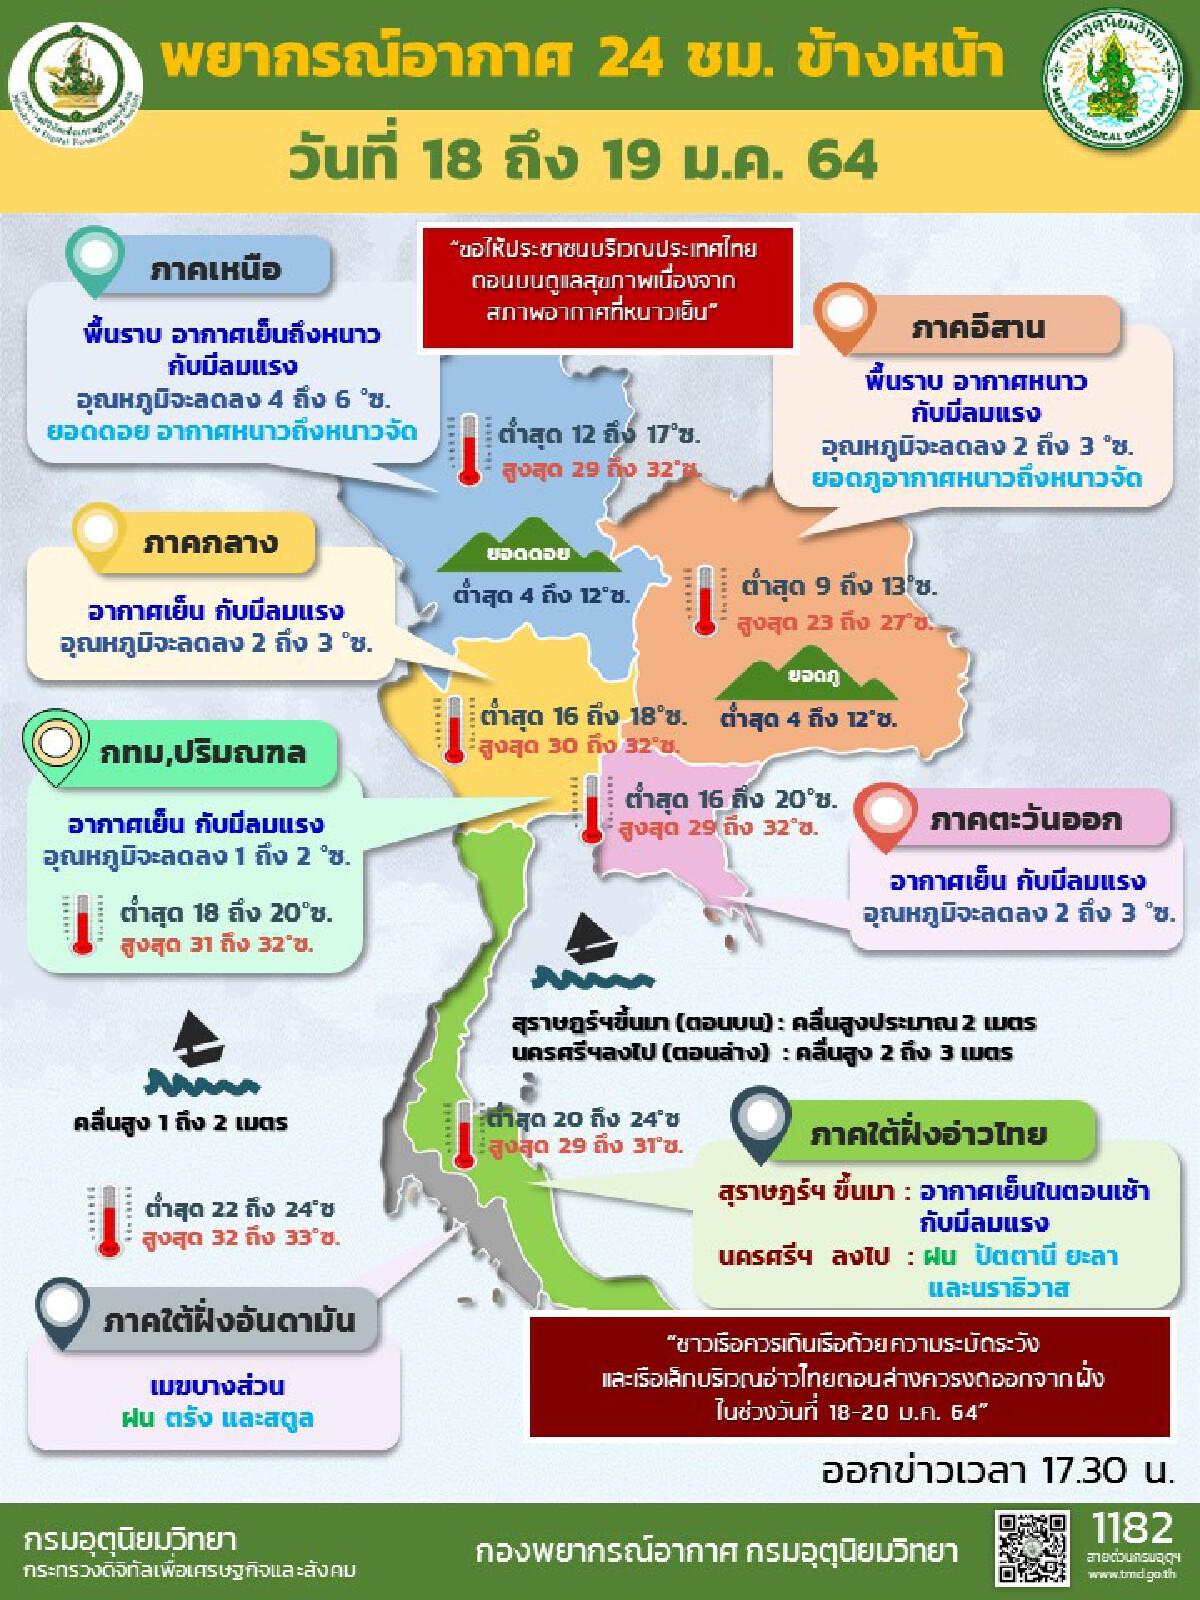 ทั่วไทย อากาศเย็นถึงหนาว เหนือ อุณหภูมิลด 4-6 องศา กทม.ต่ำสุด 18 องศา